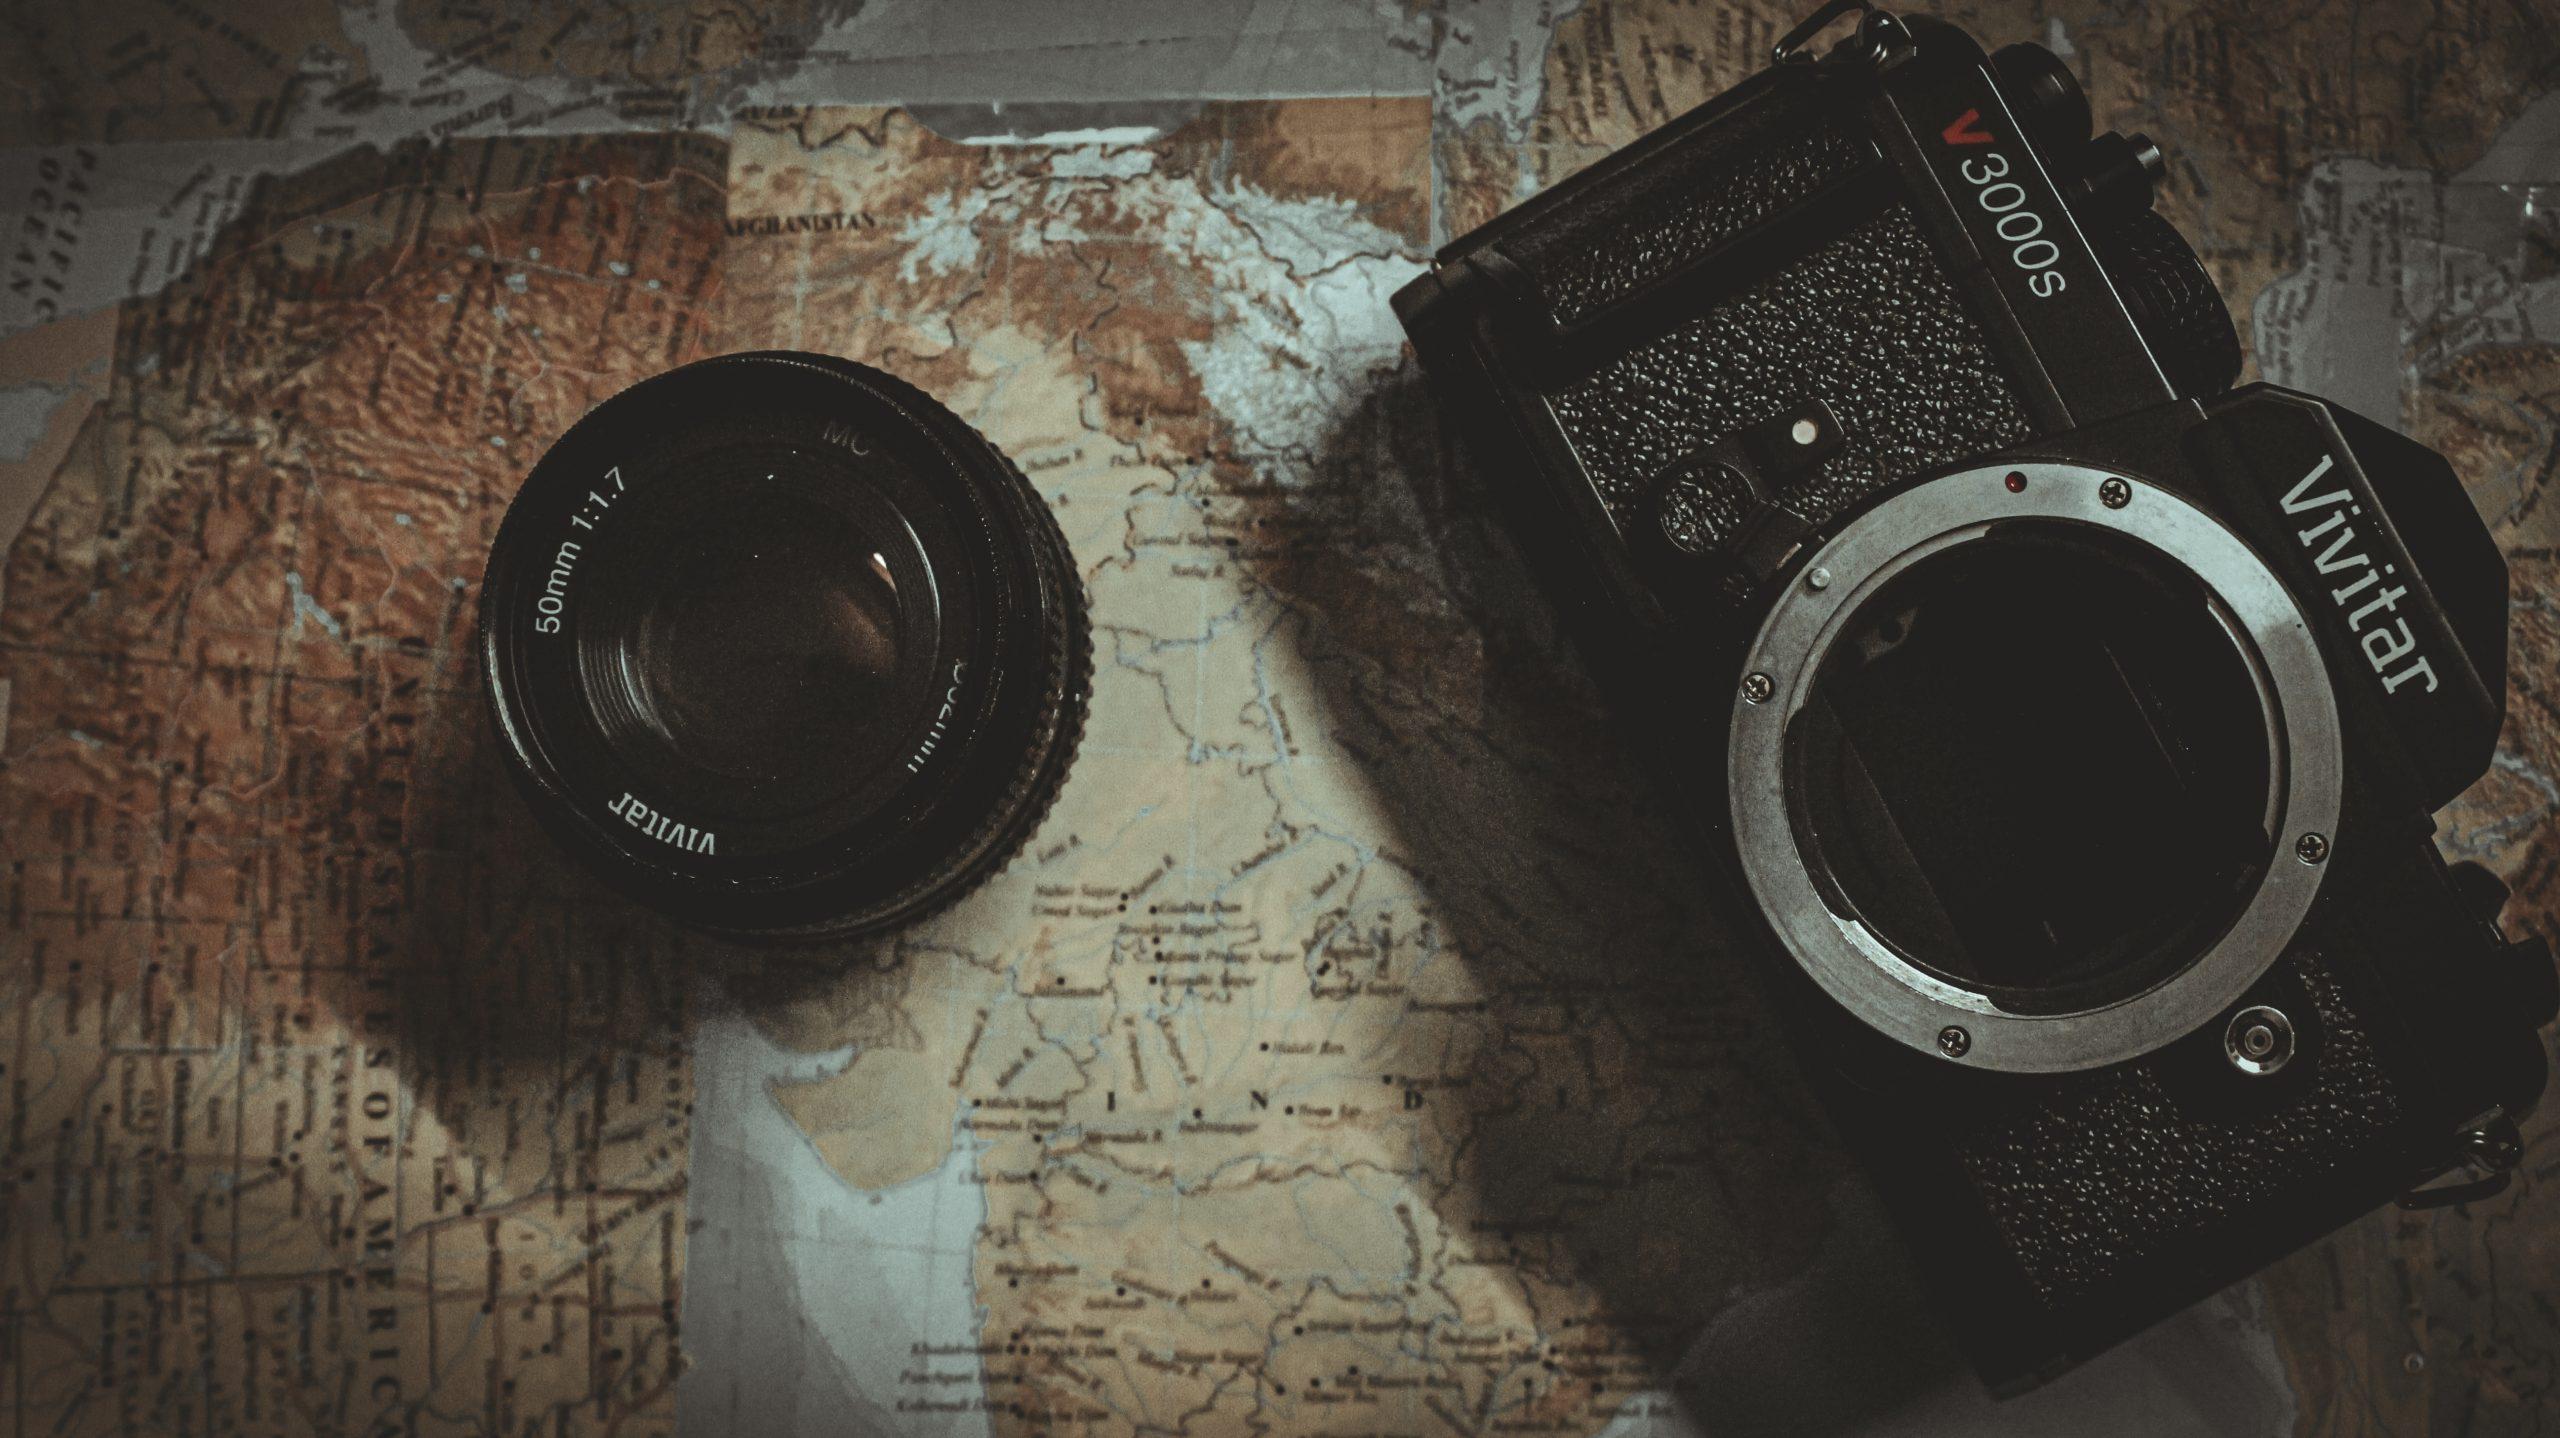 A camera and lens cap